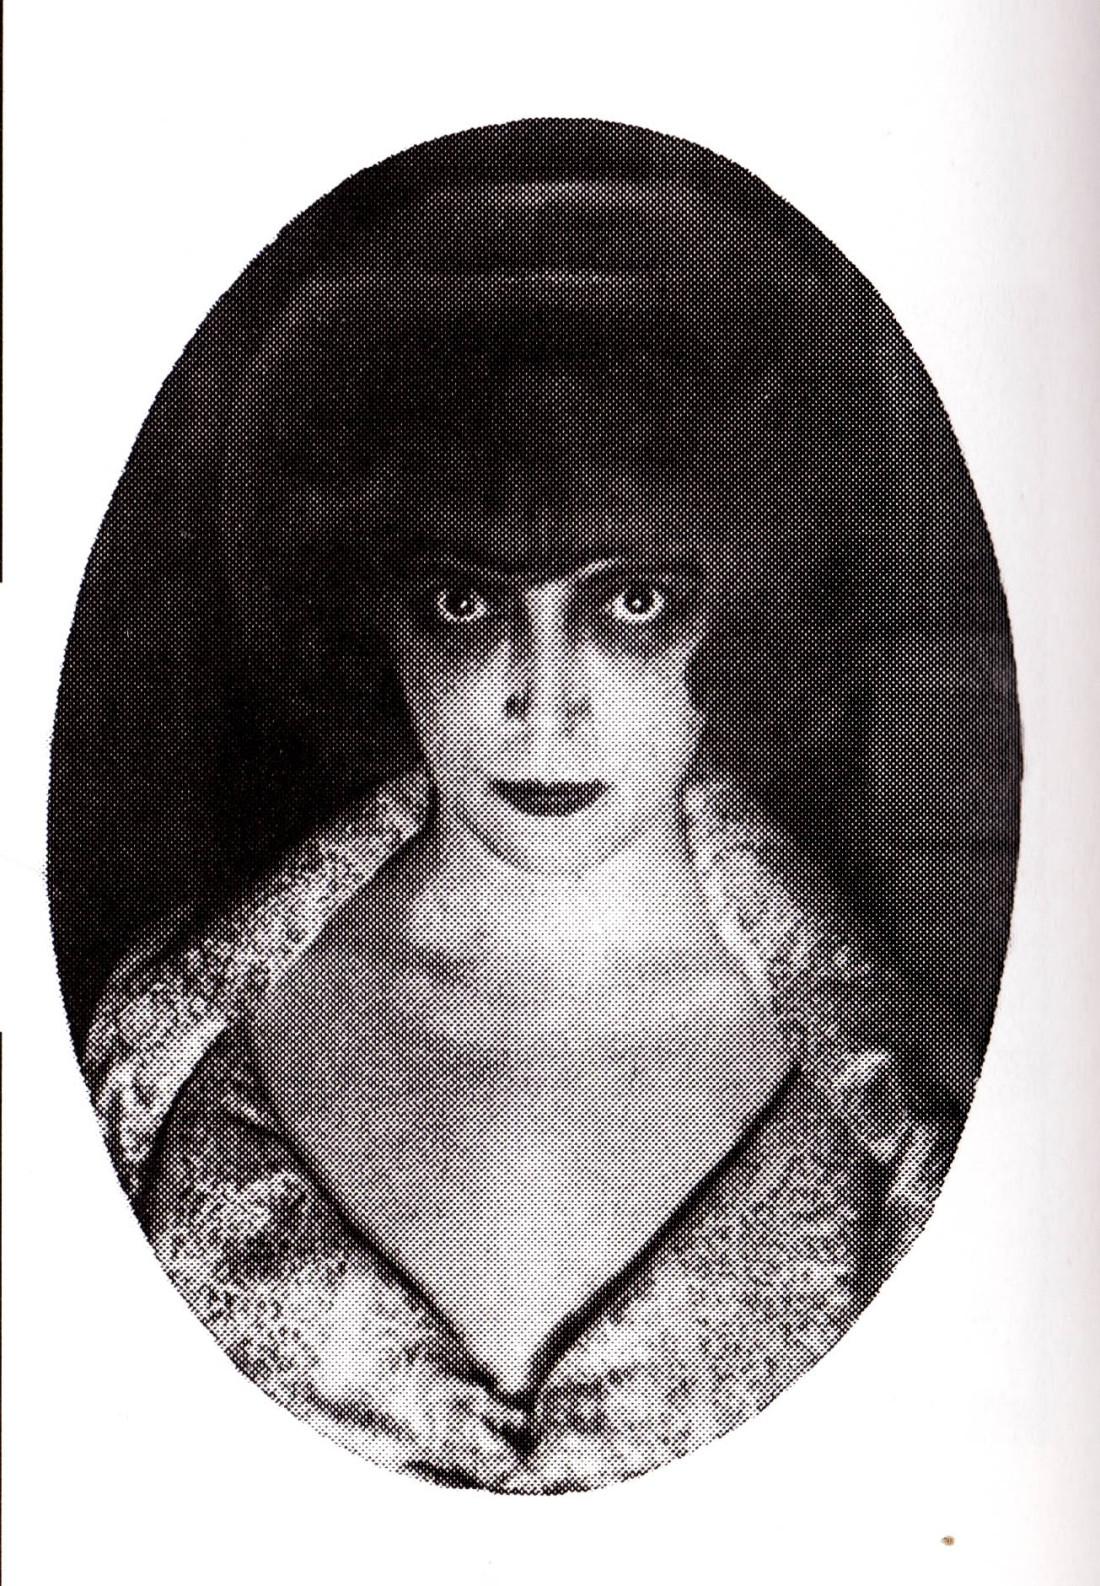 Man Ray, Luisa Casati, 1922